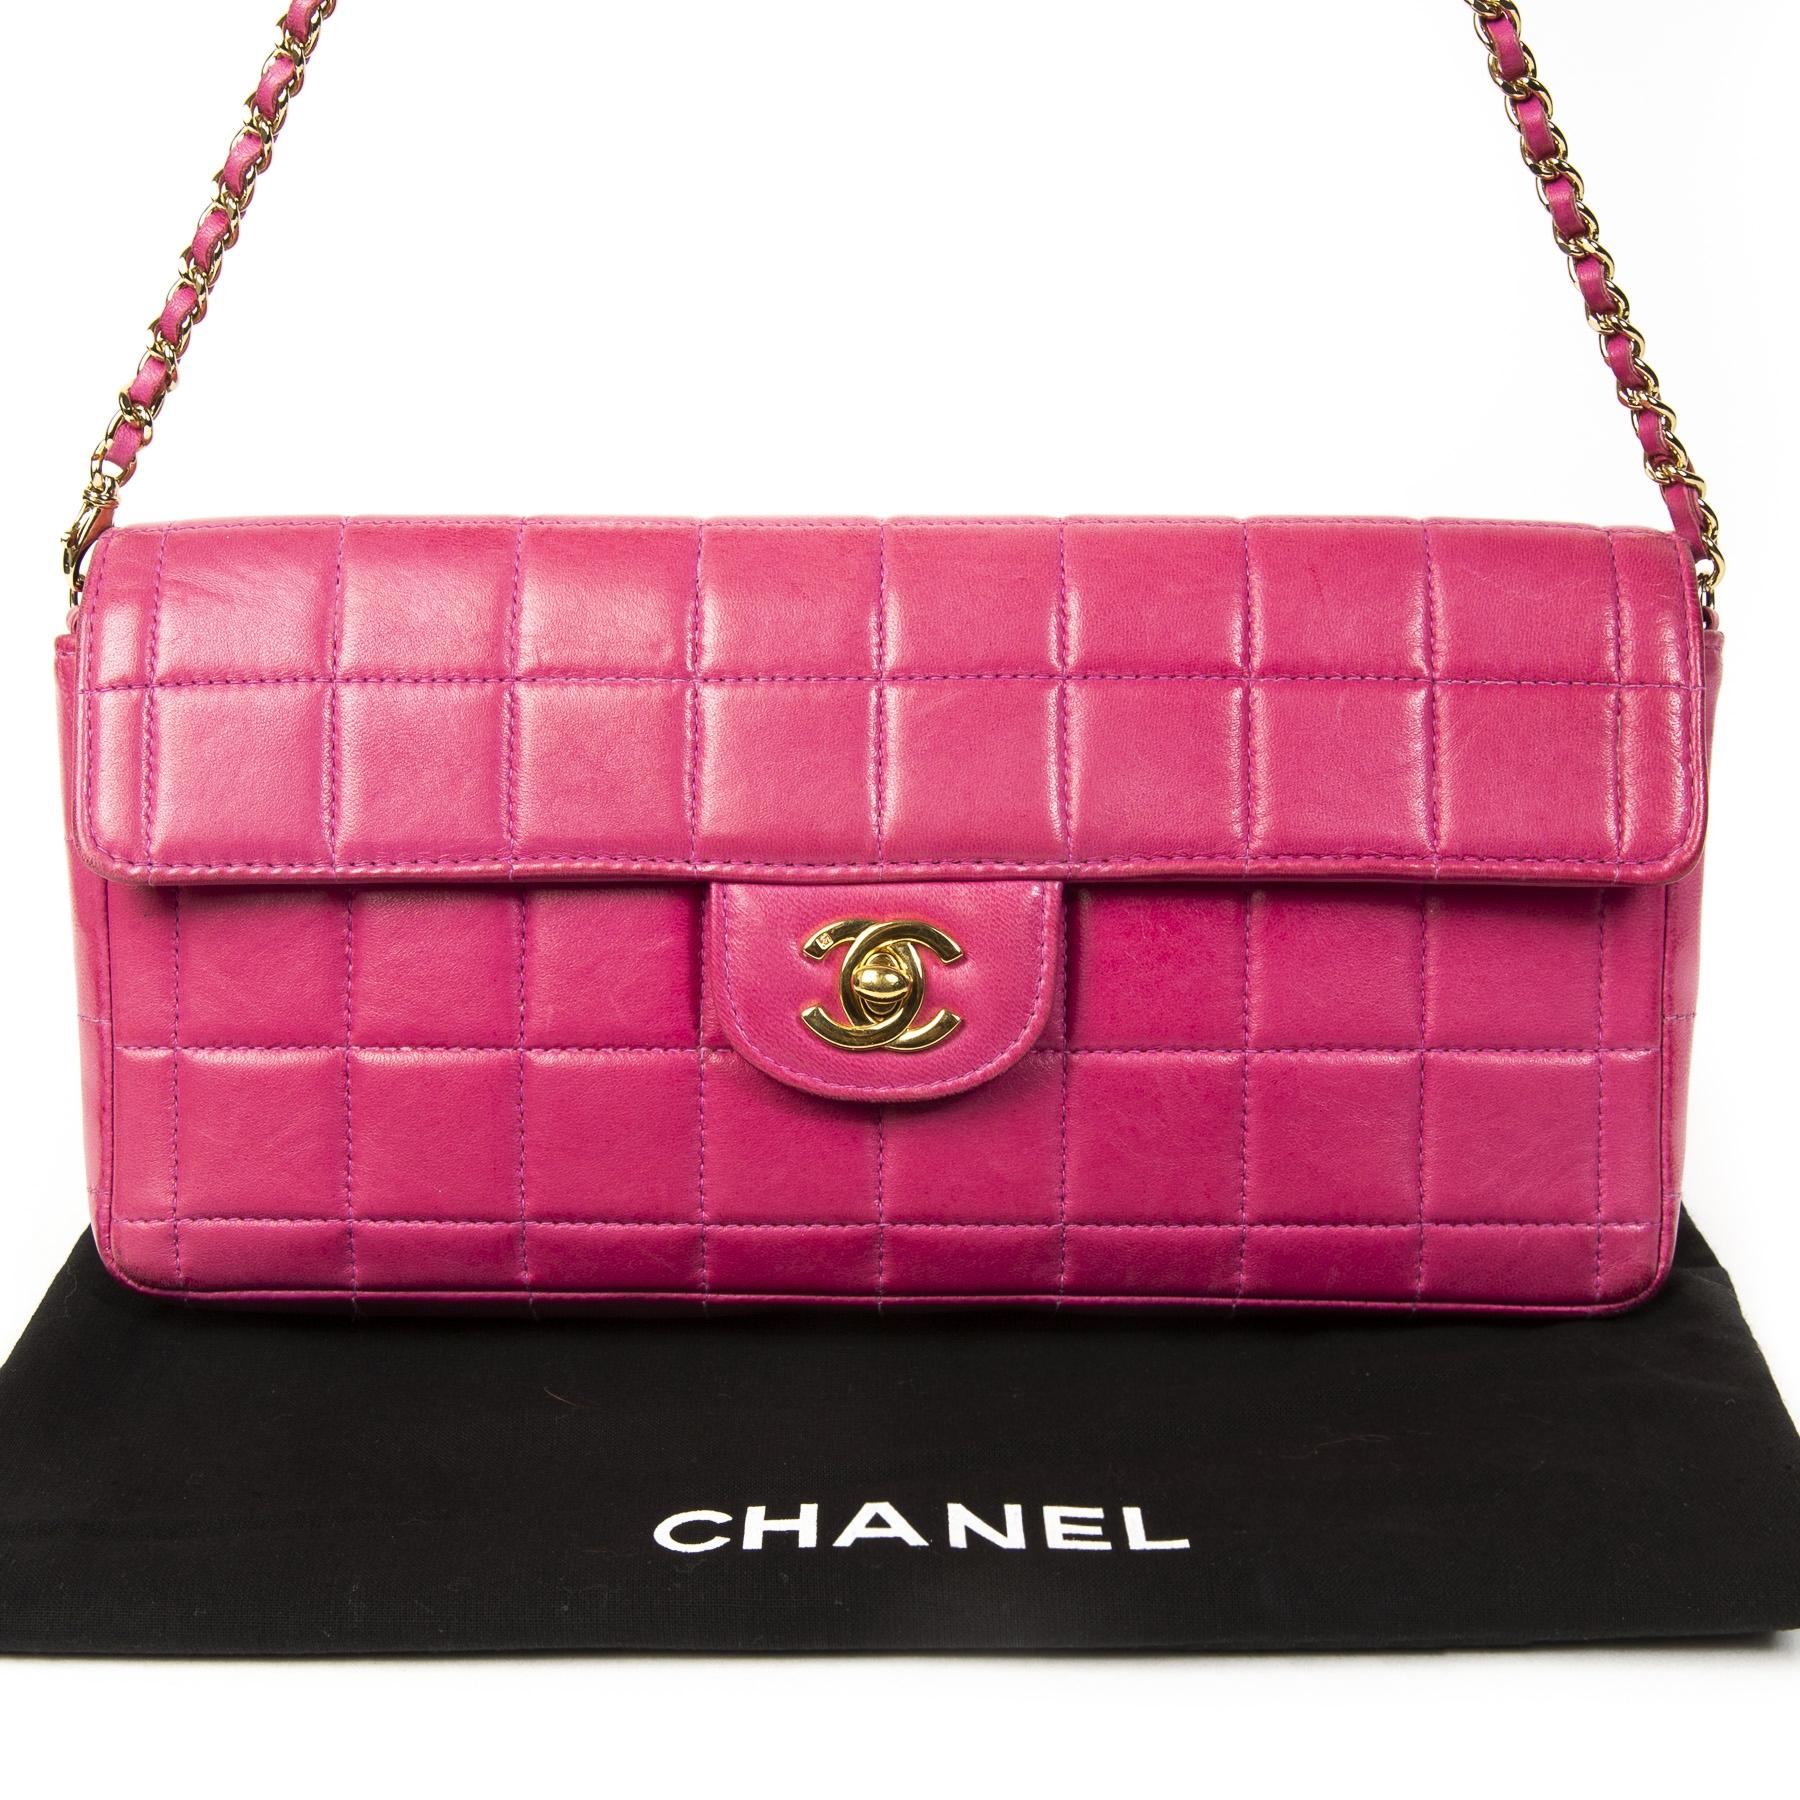 340c2e73848 Labellov Shop safe online: authentic vintage Chanel clothes, bags ...